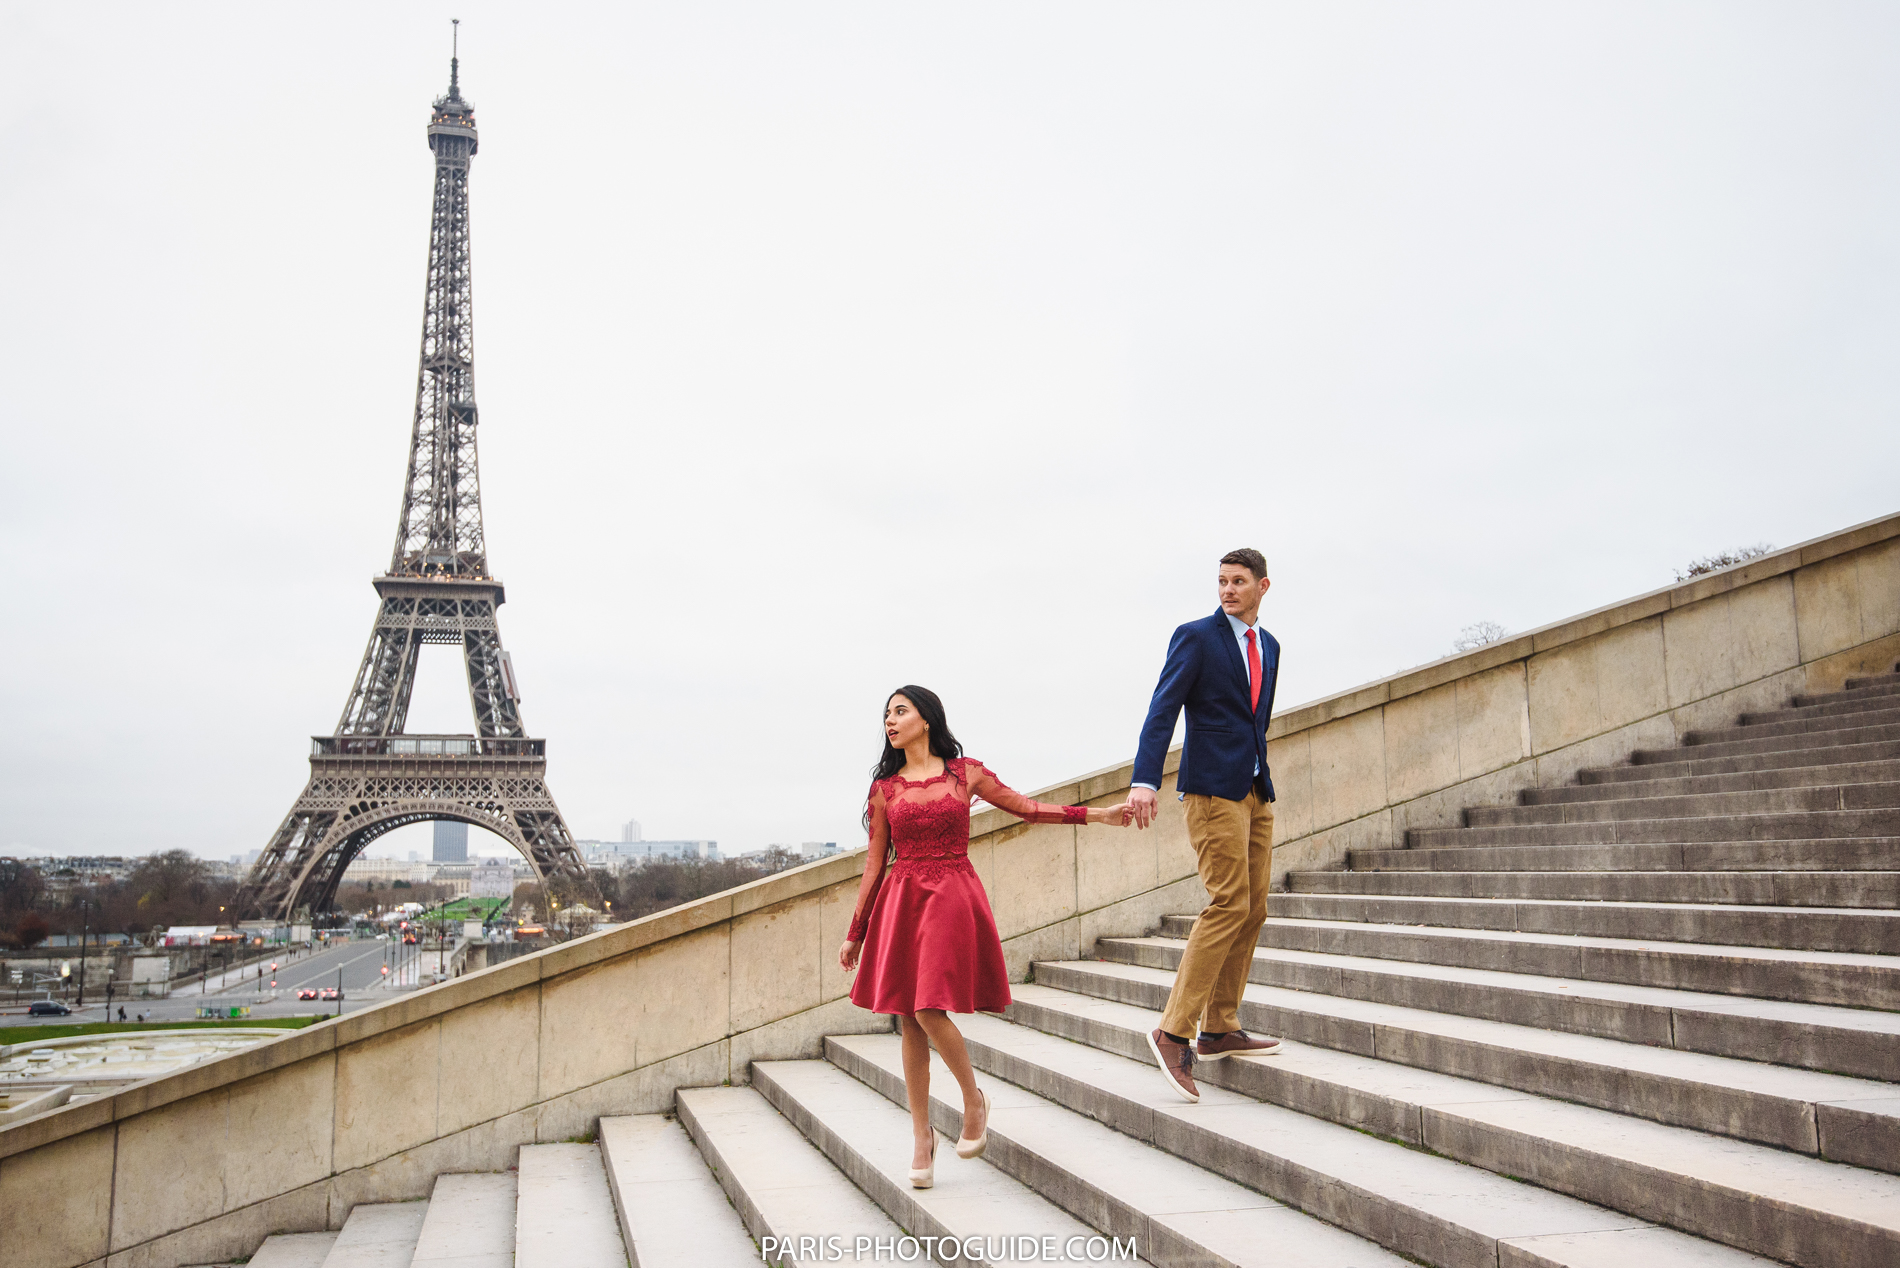 Фото популярных людей парижа